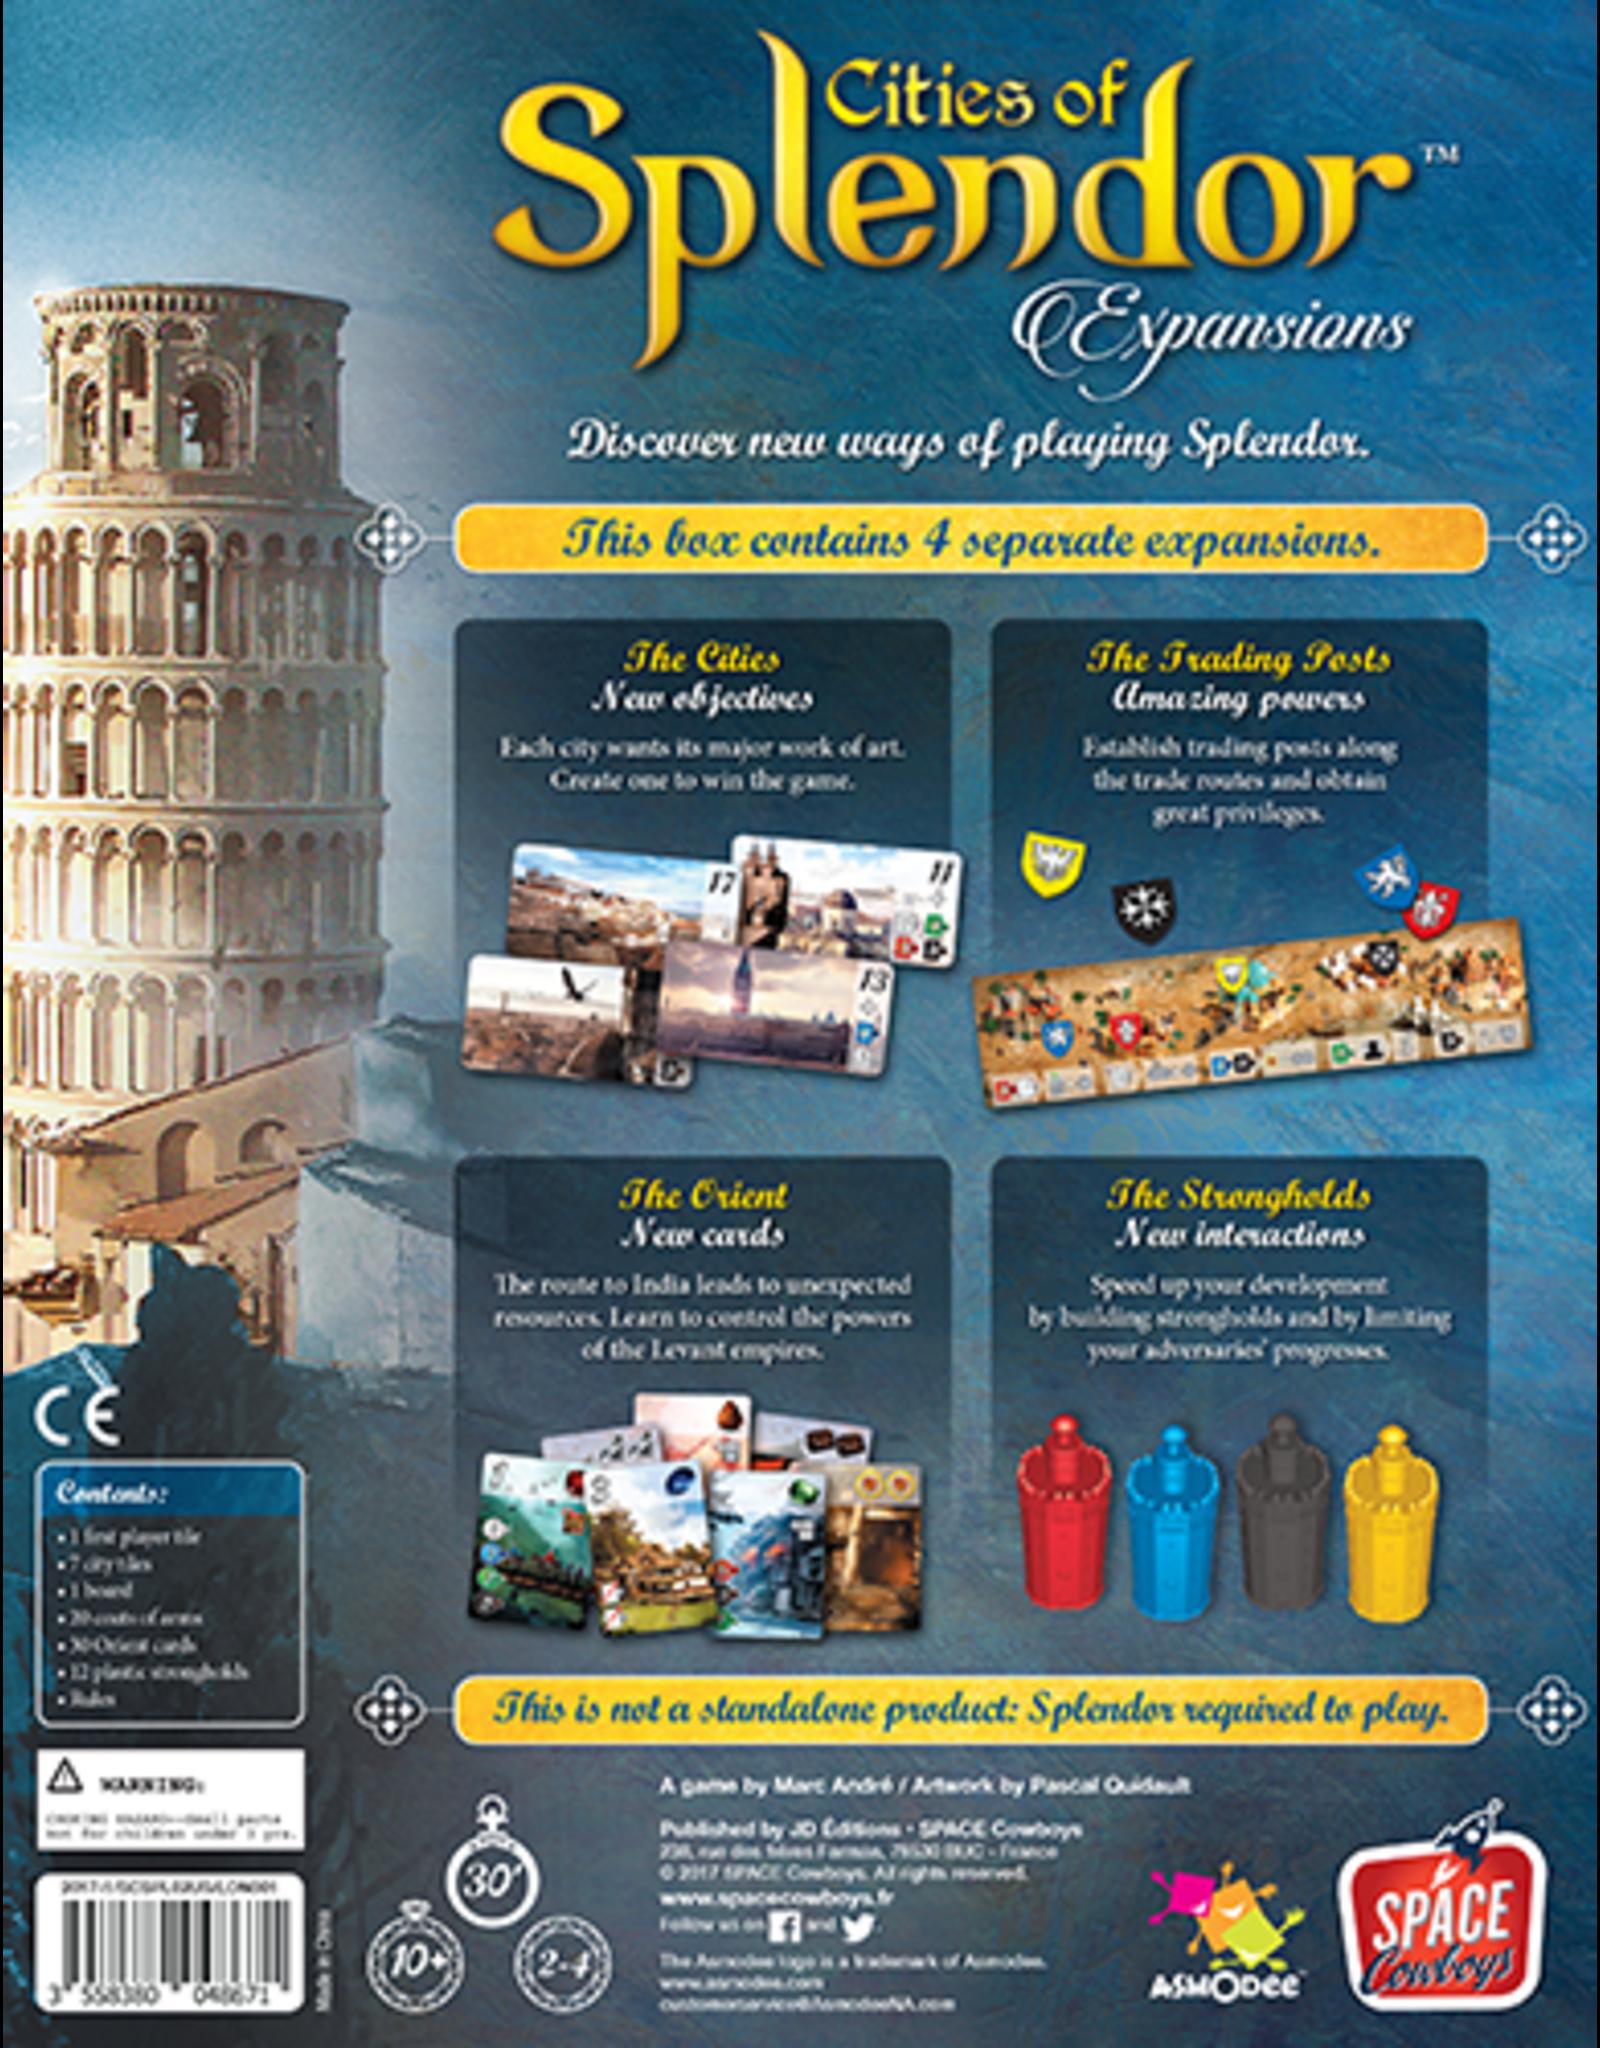 Splendor Cities of Splendor Expansion